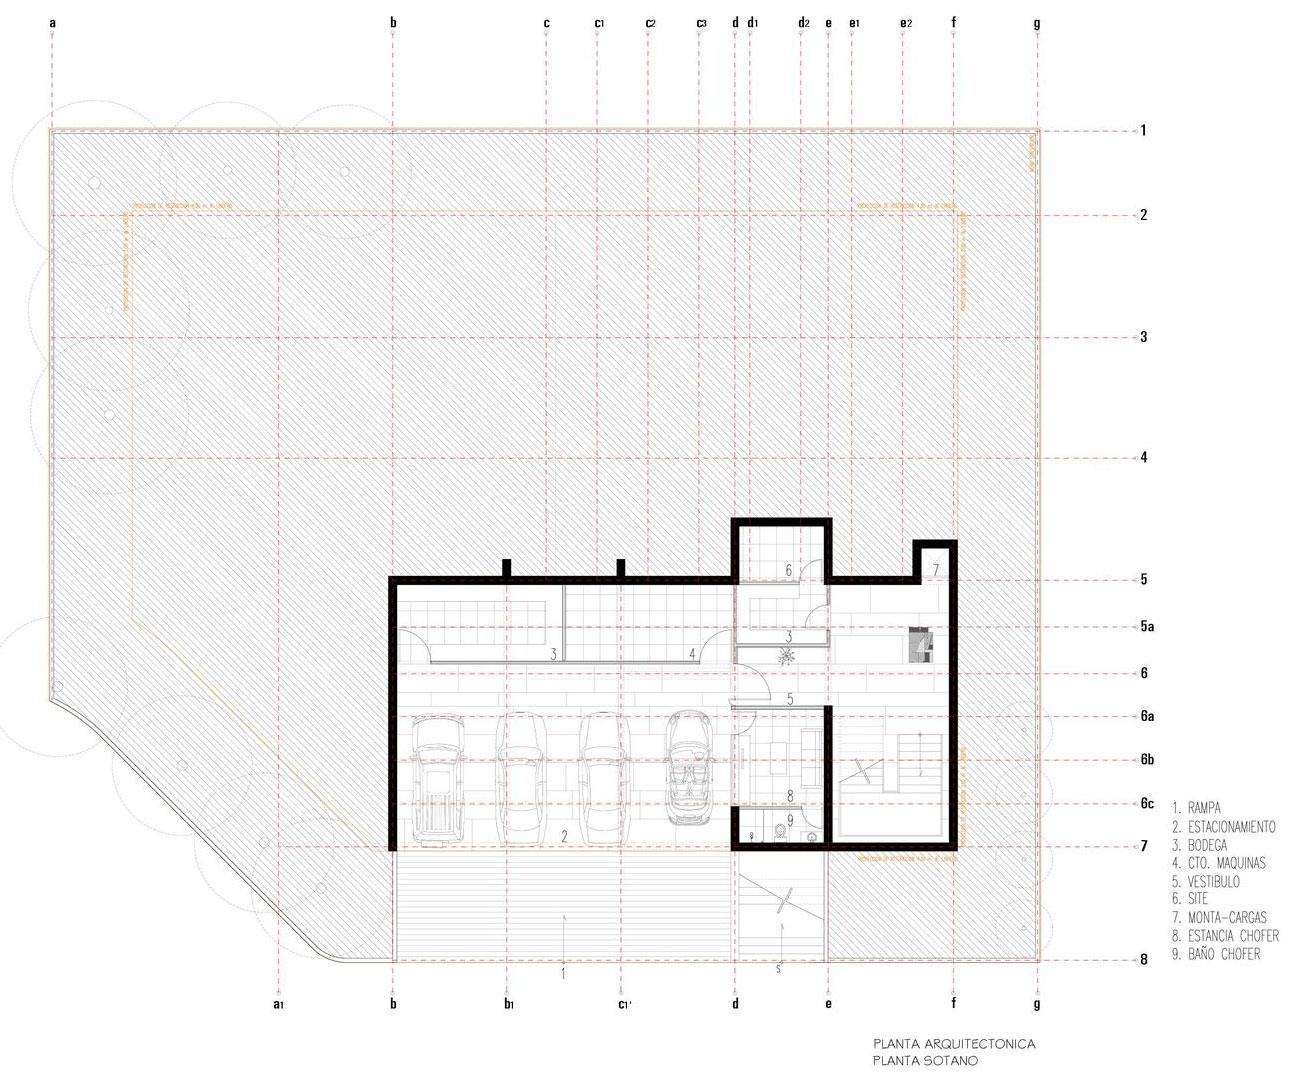 Dalias House grupoarquitectura-27